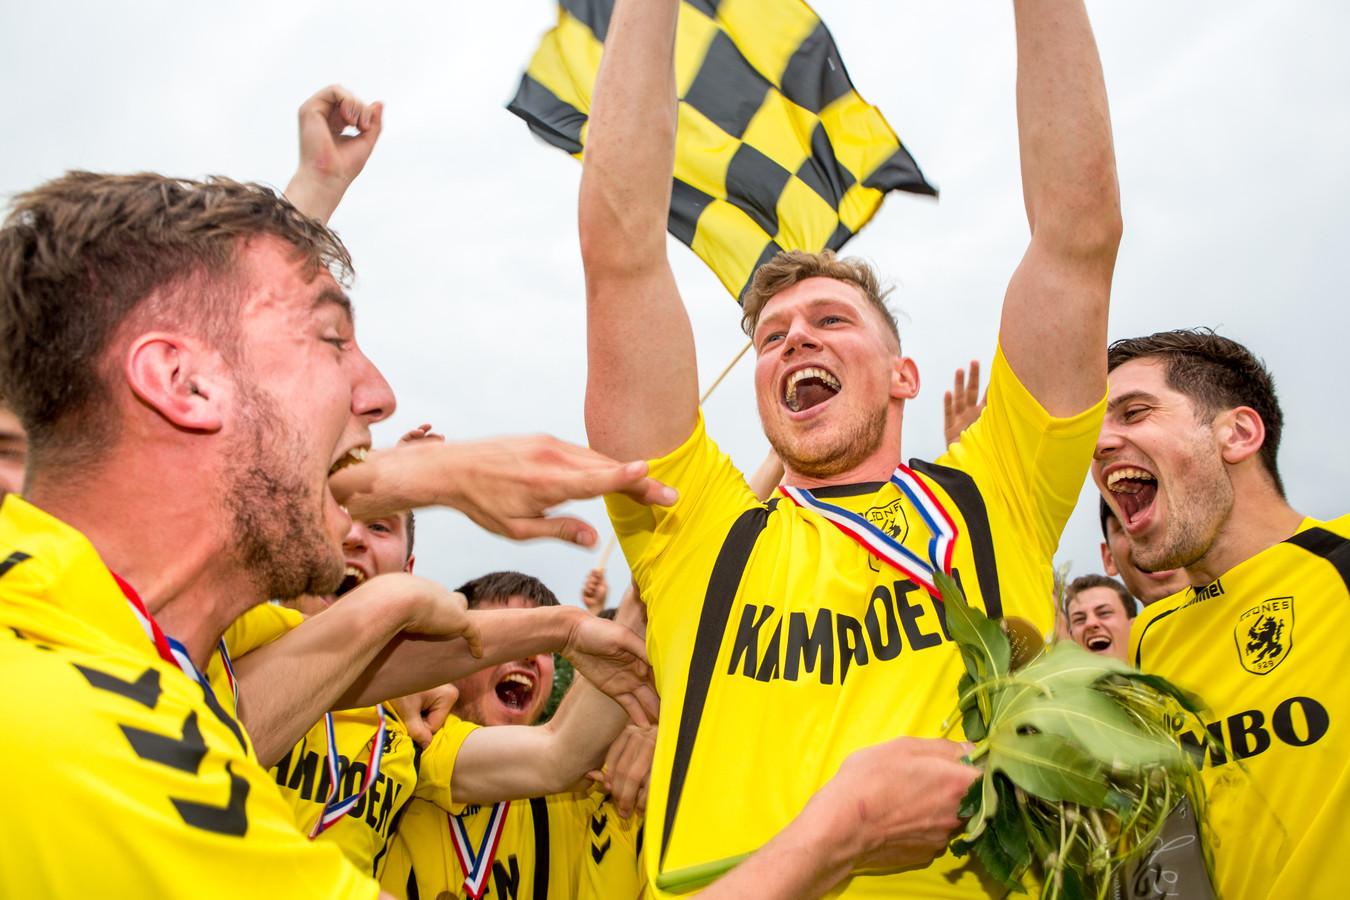 De voetballers van Leones vieren het kampioenschap afgelopen seizoen in de tweede klasse I.